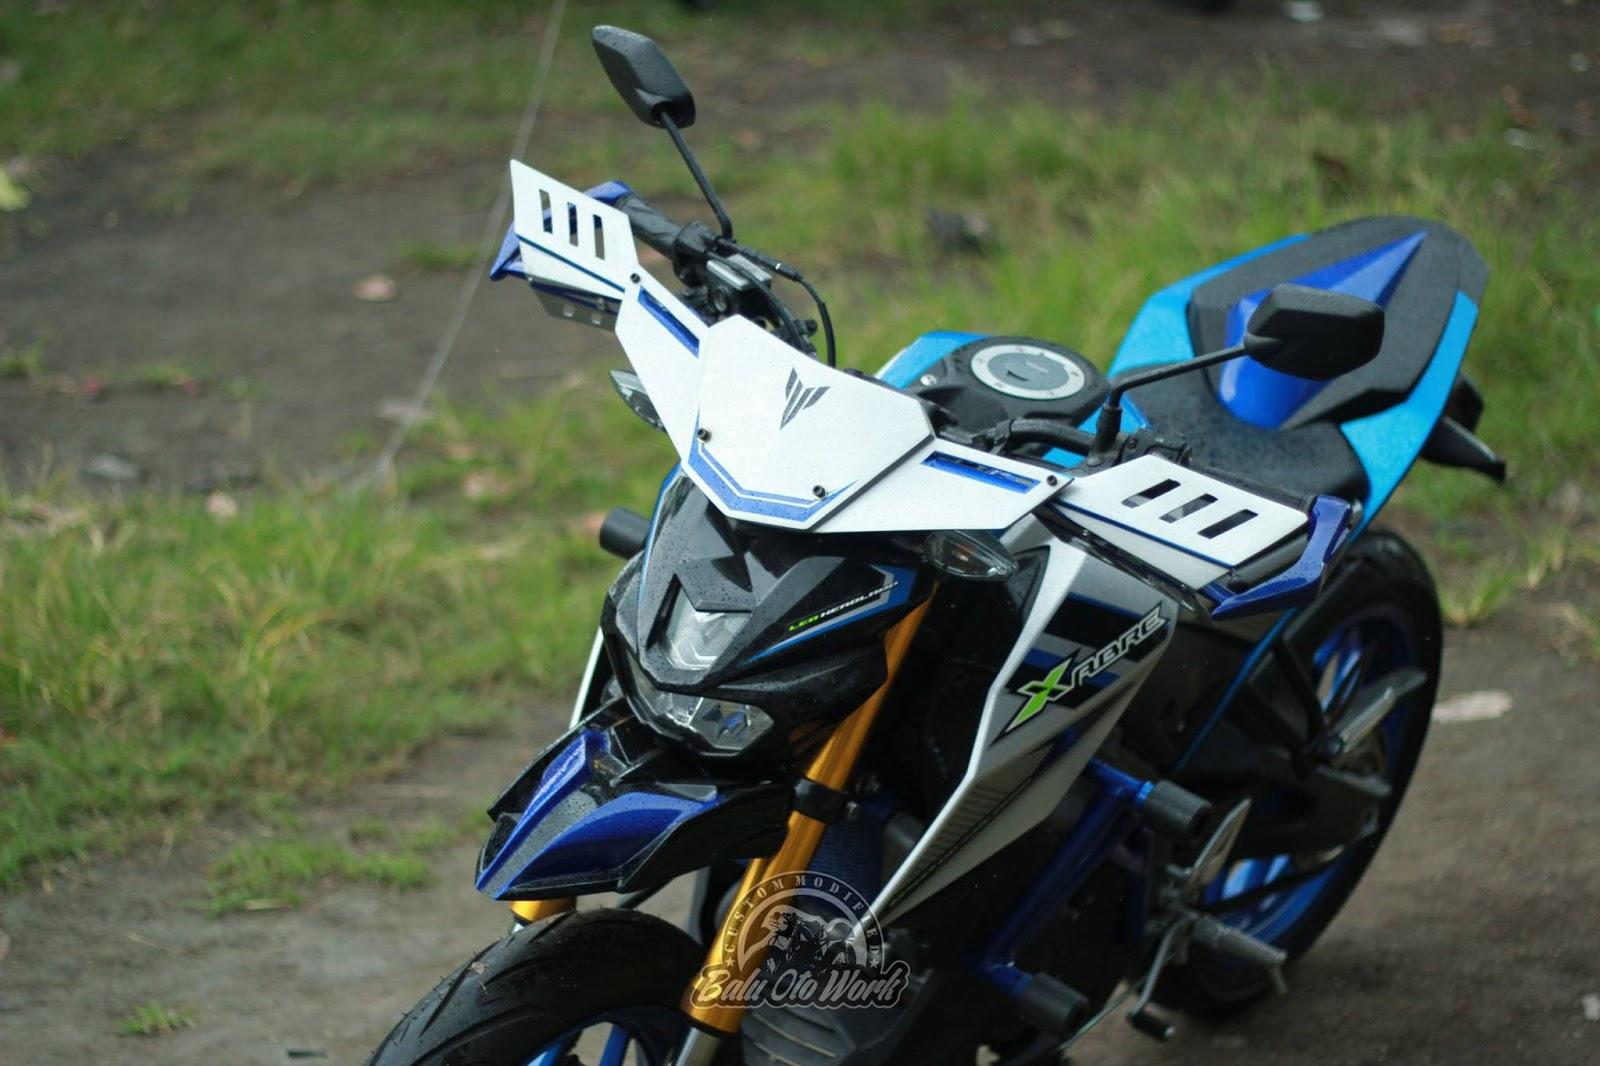 Terinspirasi dari moge Yamaha MT 09 Street Rally . . modifikasi simpel Yamaha Xabre 150 by Balu Oto Work ini keren juga . .